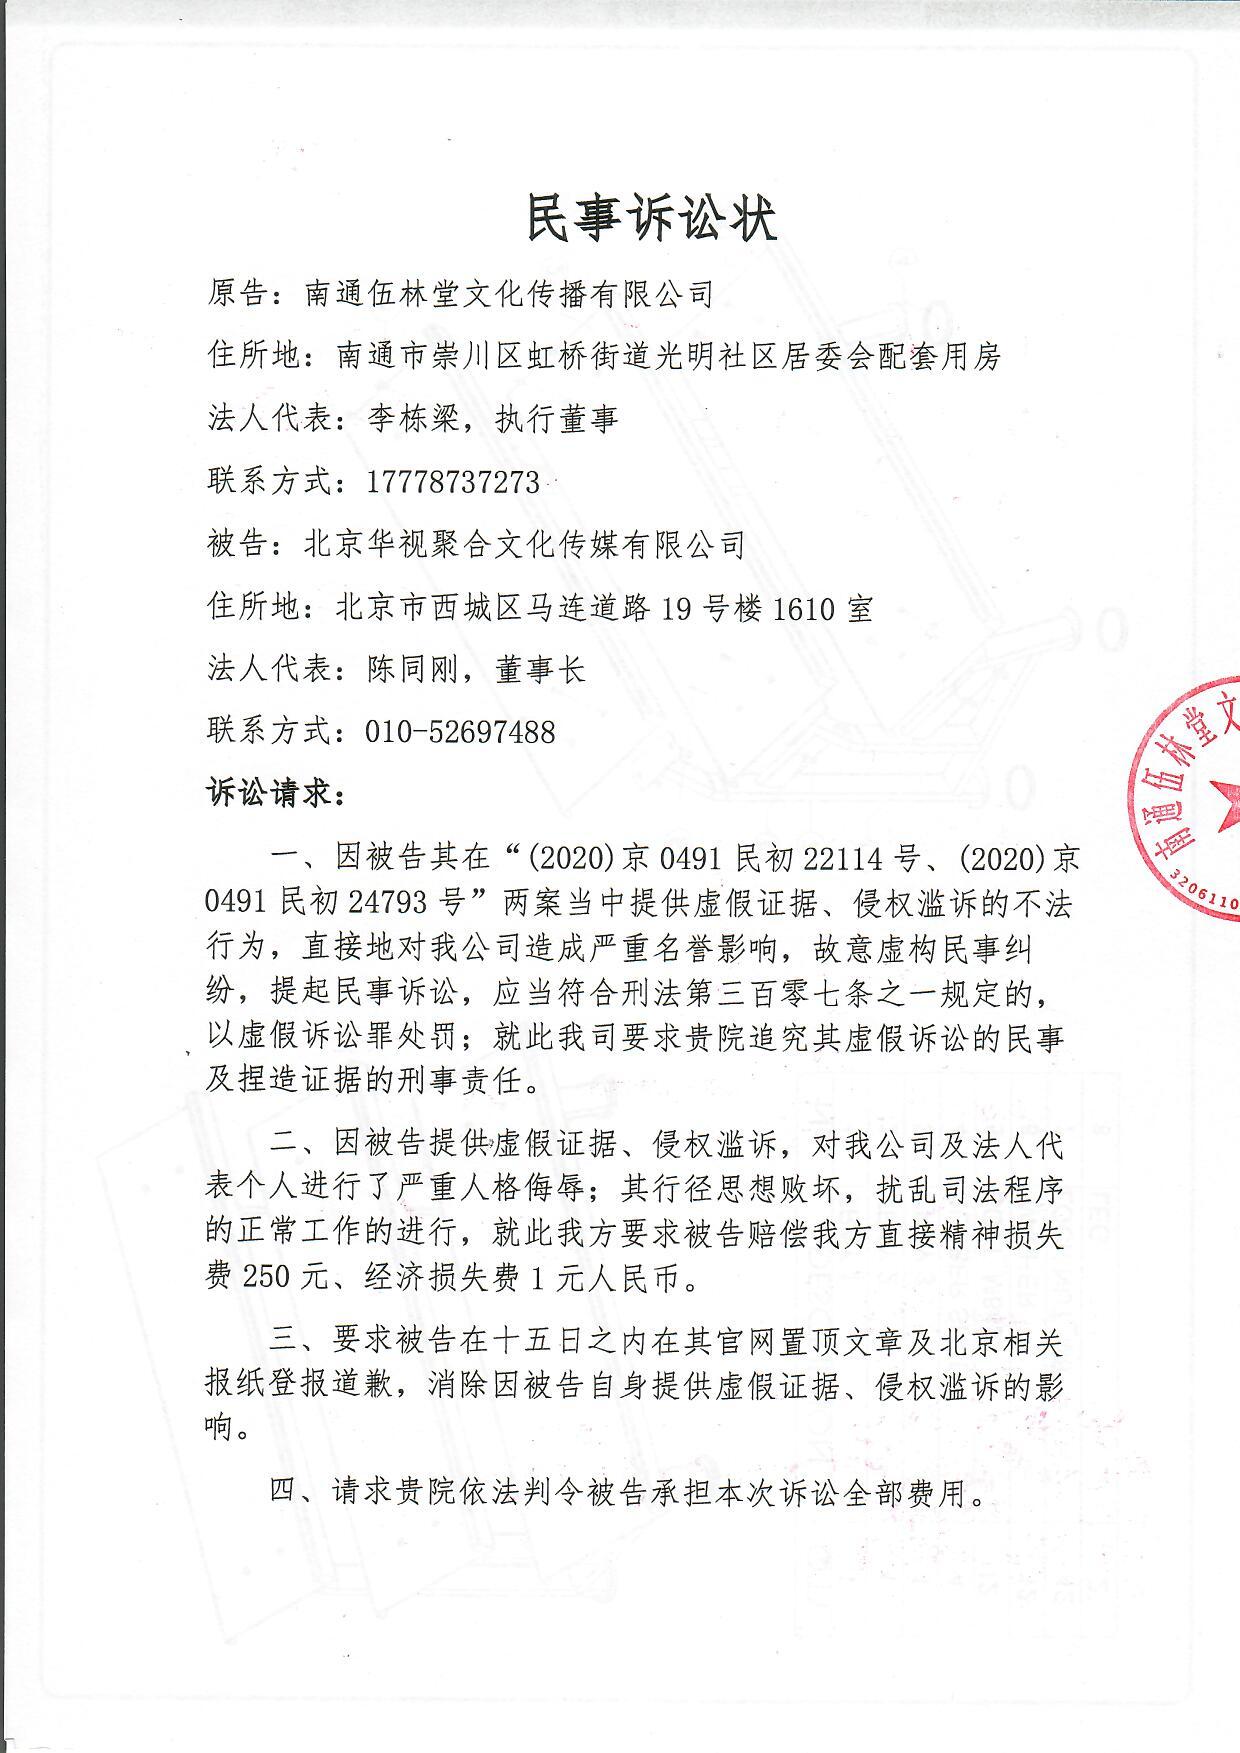 伍林堂决定起诉北京华视聚合